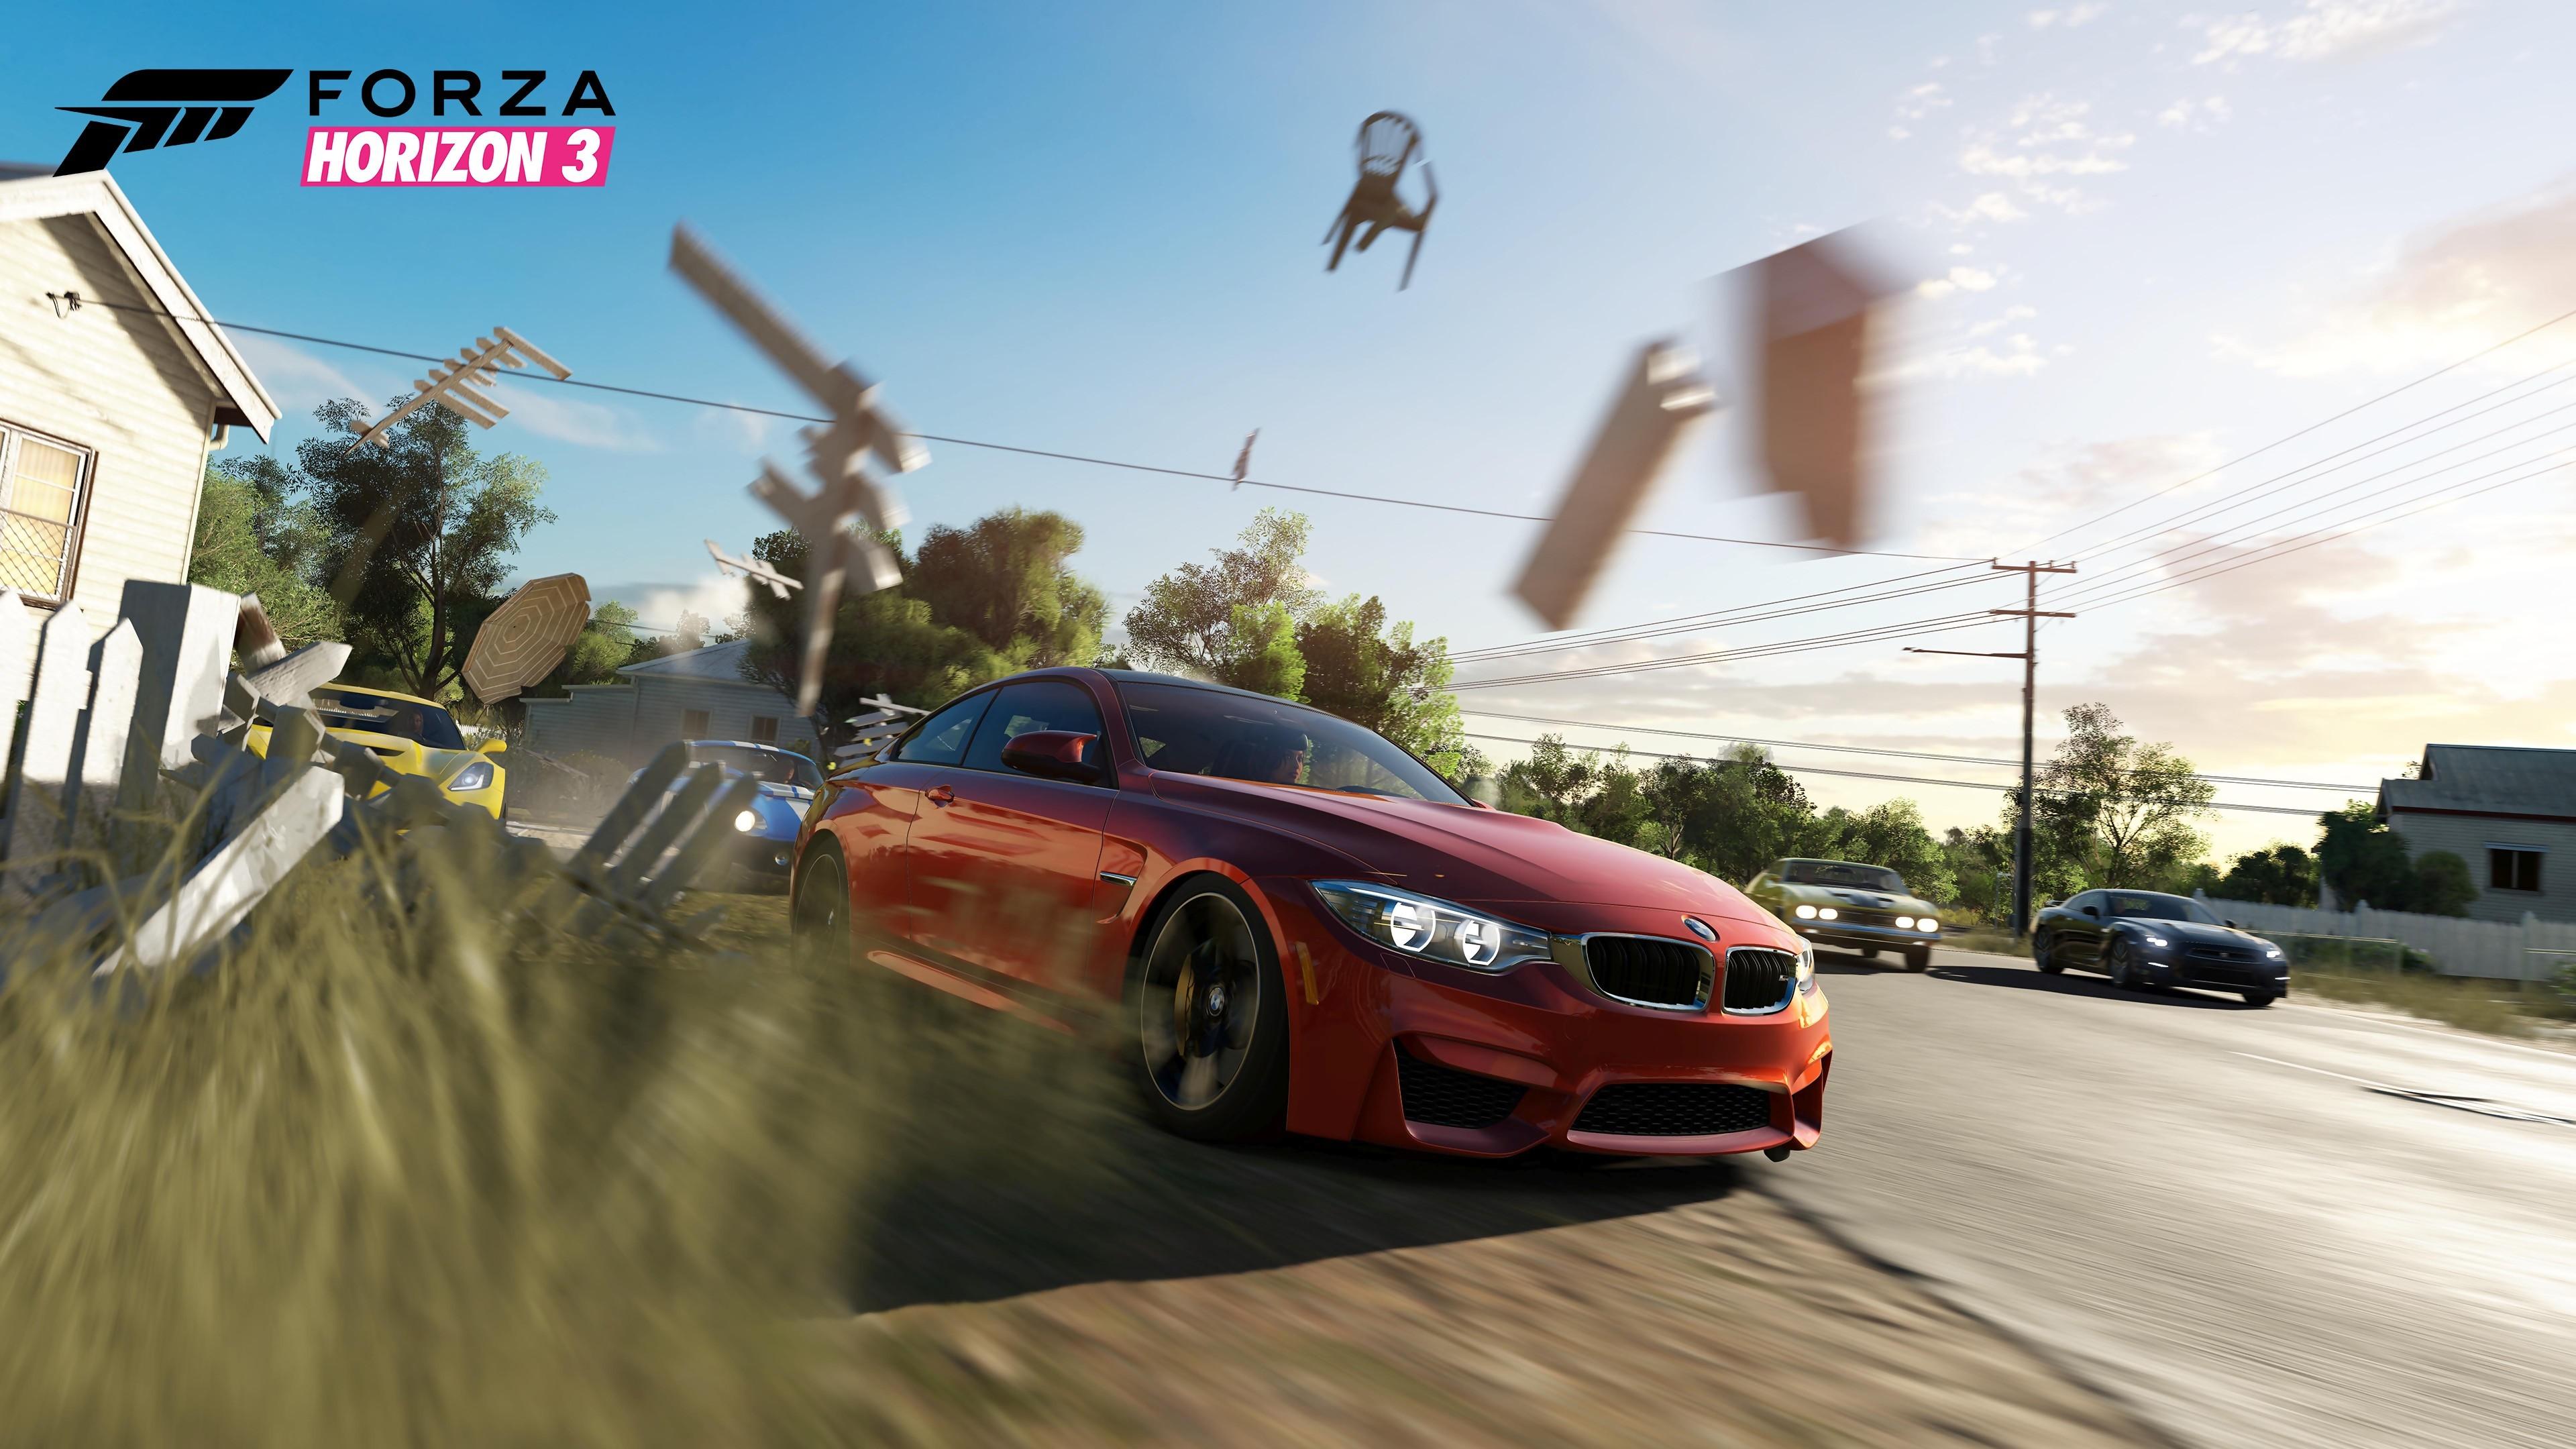 forza horizon 3 : trailer de gameplay de l'e3 2016